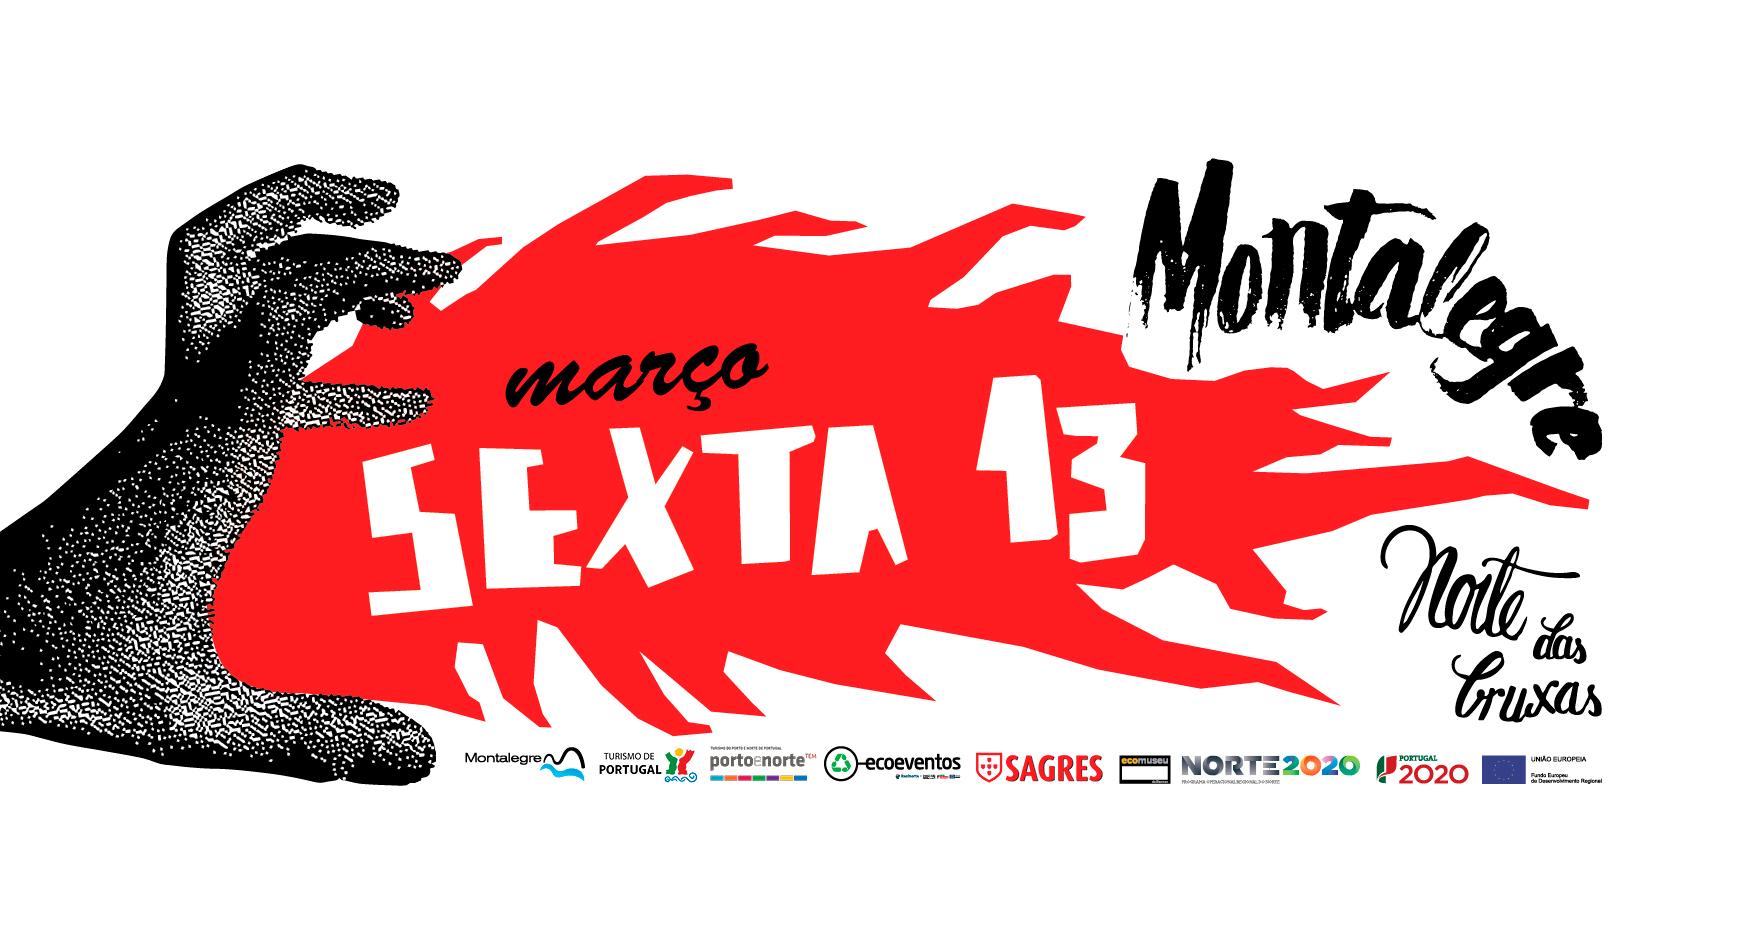 Cartaz sobre o evento Sexta 13 em Montalegre.